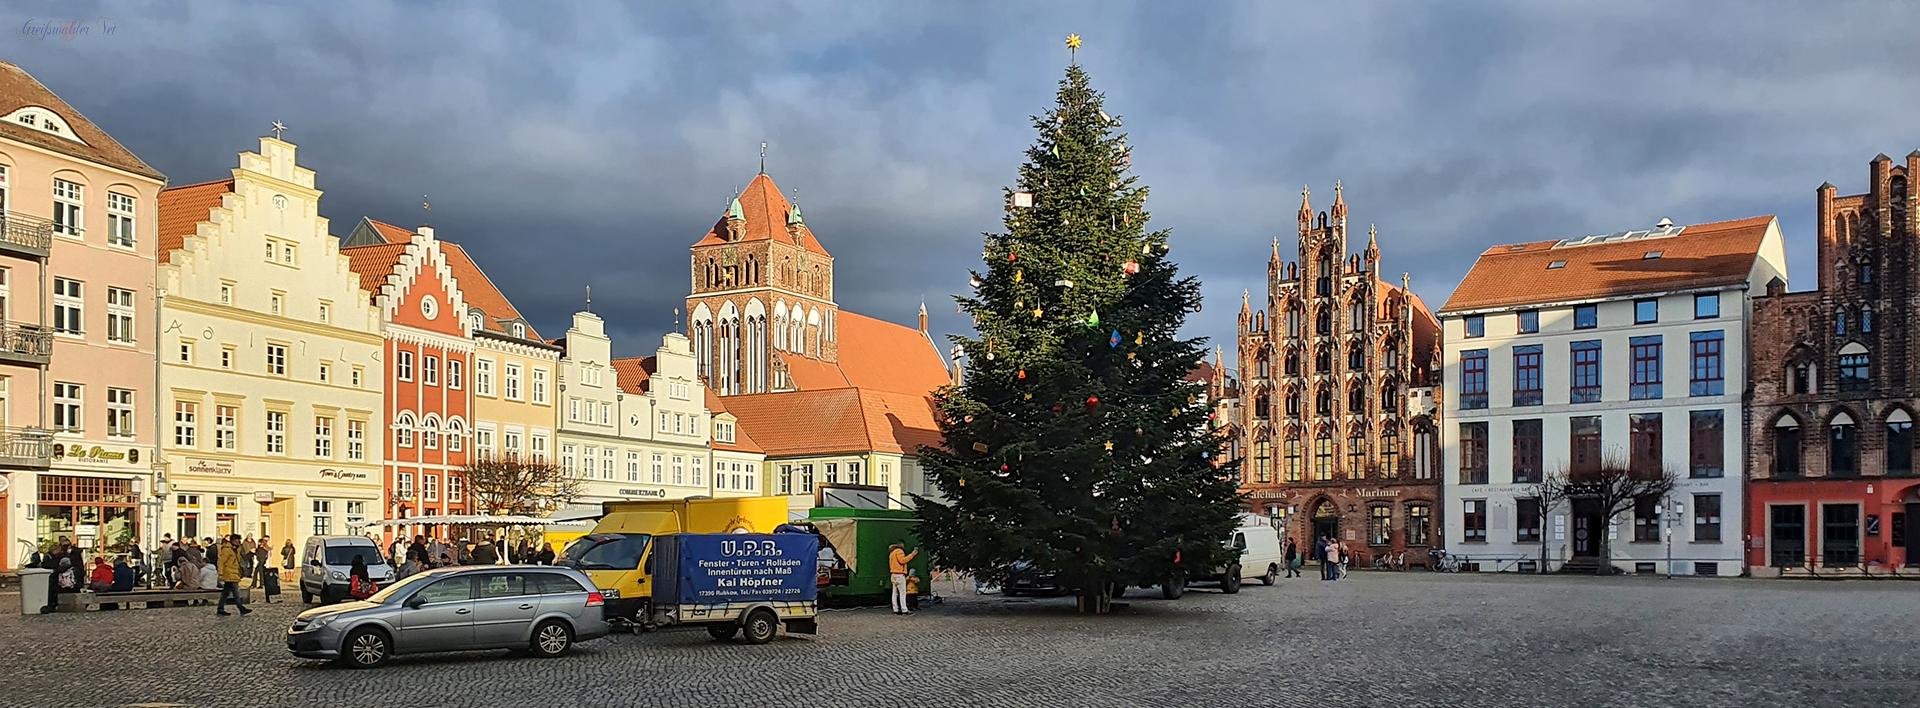 Adventssamstag auf dem Marktplatz in Greifswald